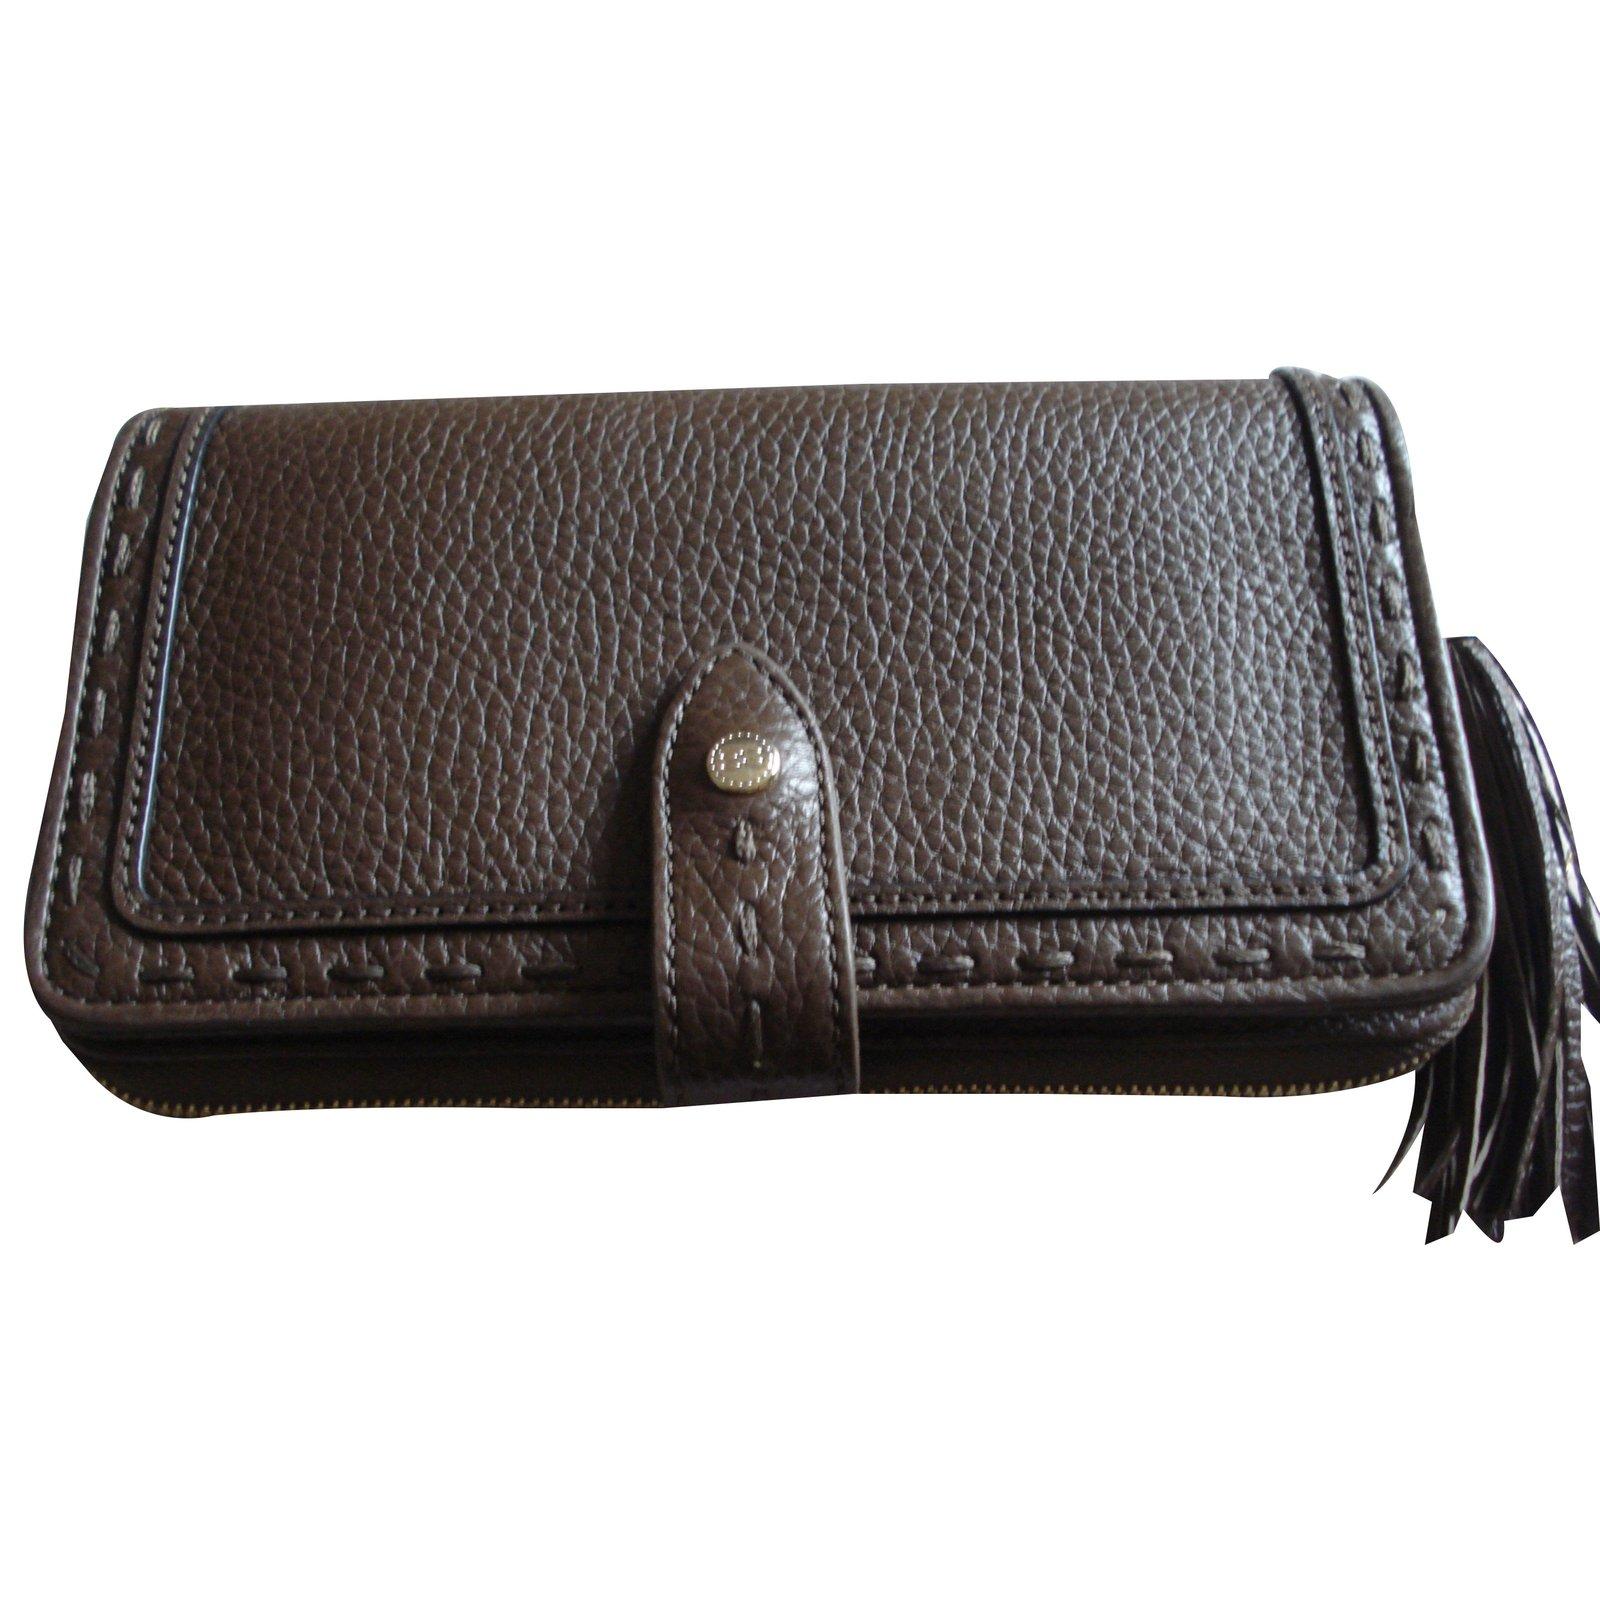 portefeuille lancel premier flirt noir Petit sac à dos noir lancel cuir lisse réf: 376176-1099 noir refente de cuir de le portefeuille lancel premier flirt va premier flirt lancel véritable.